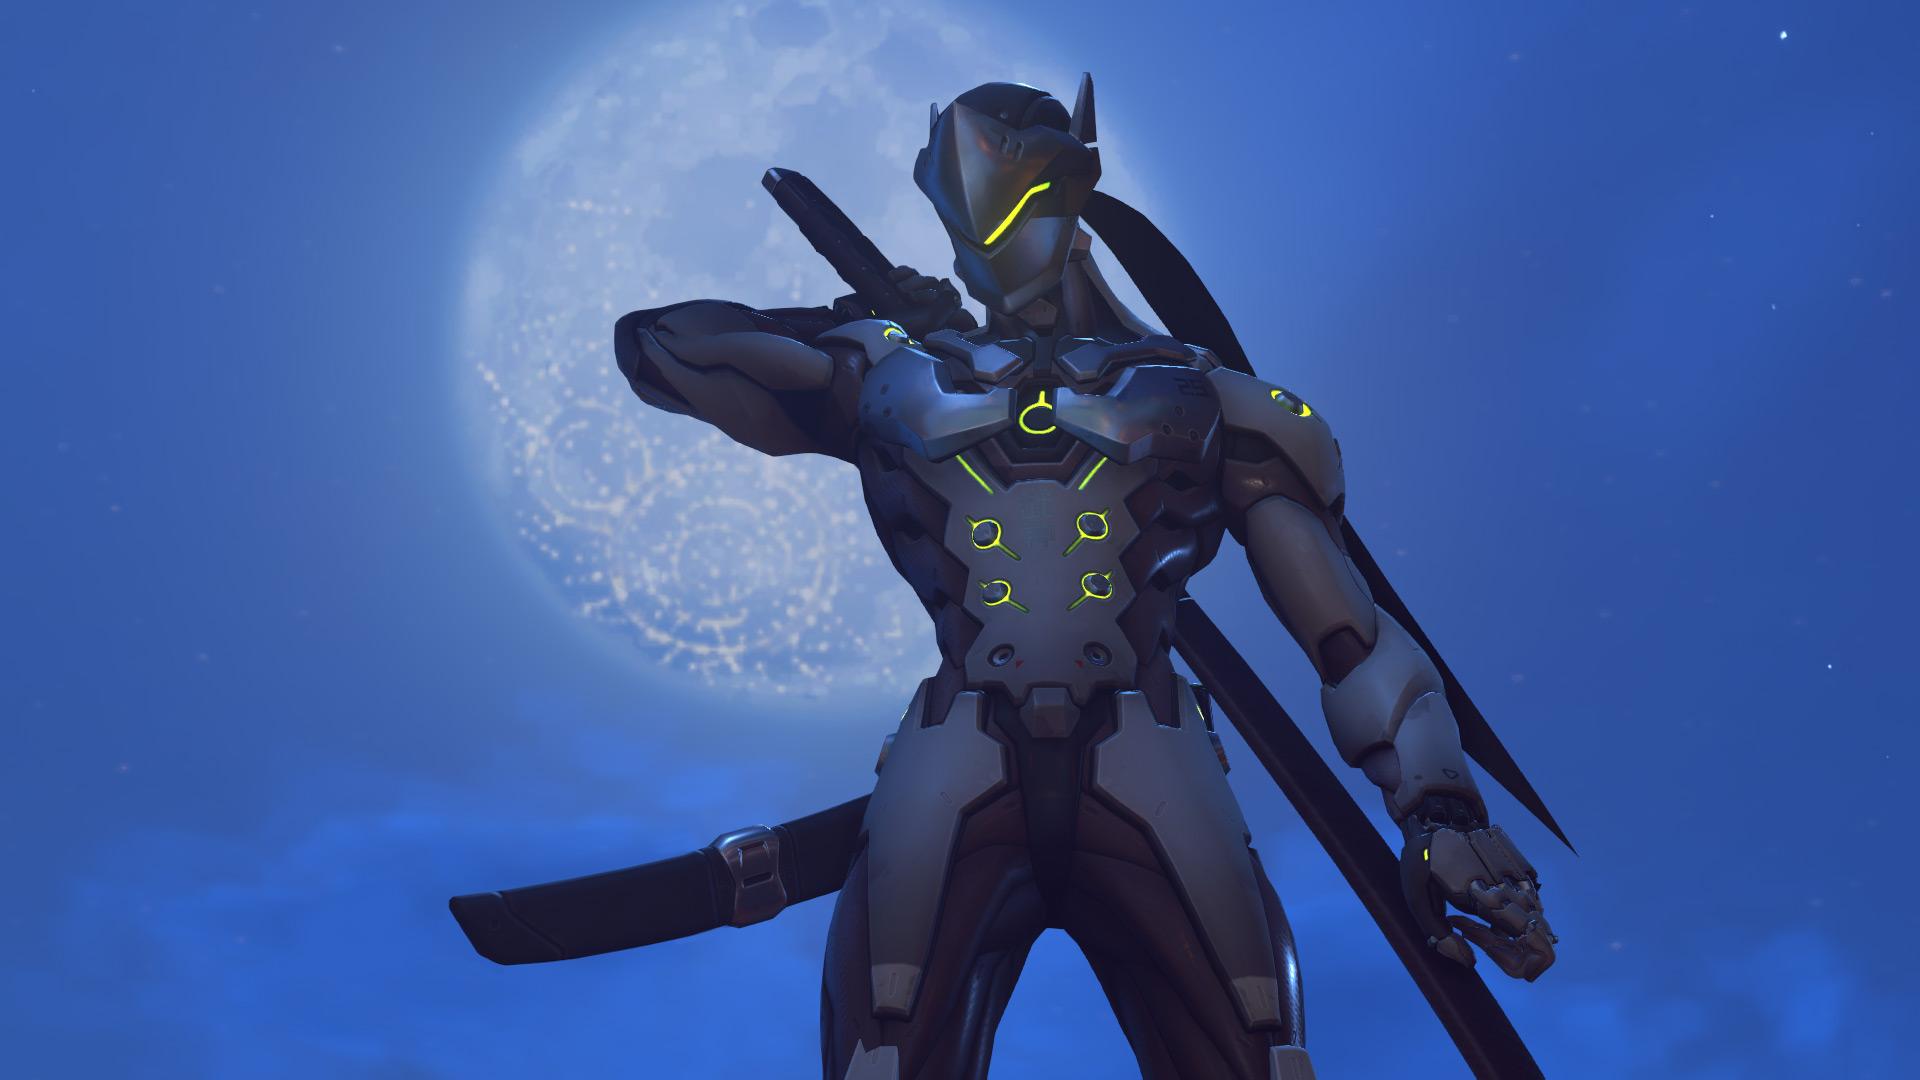 Overwatch lanseres til PS4, Xbox One og PC 24. mai.